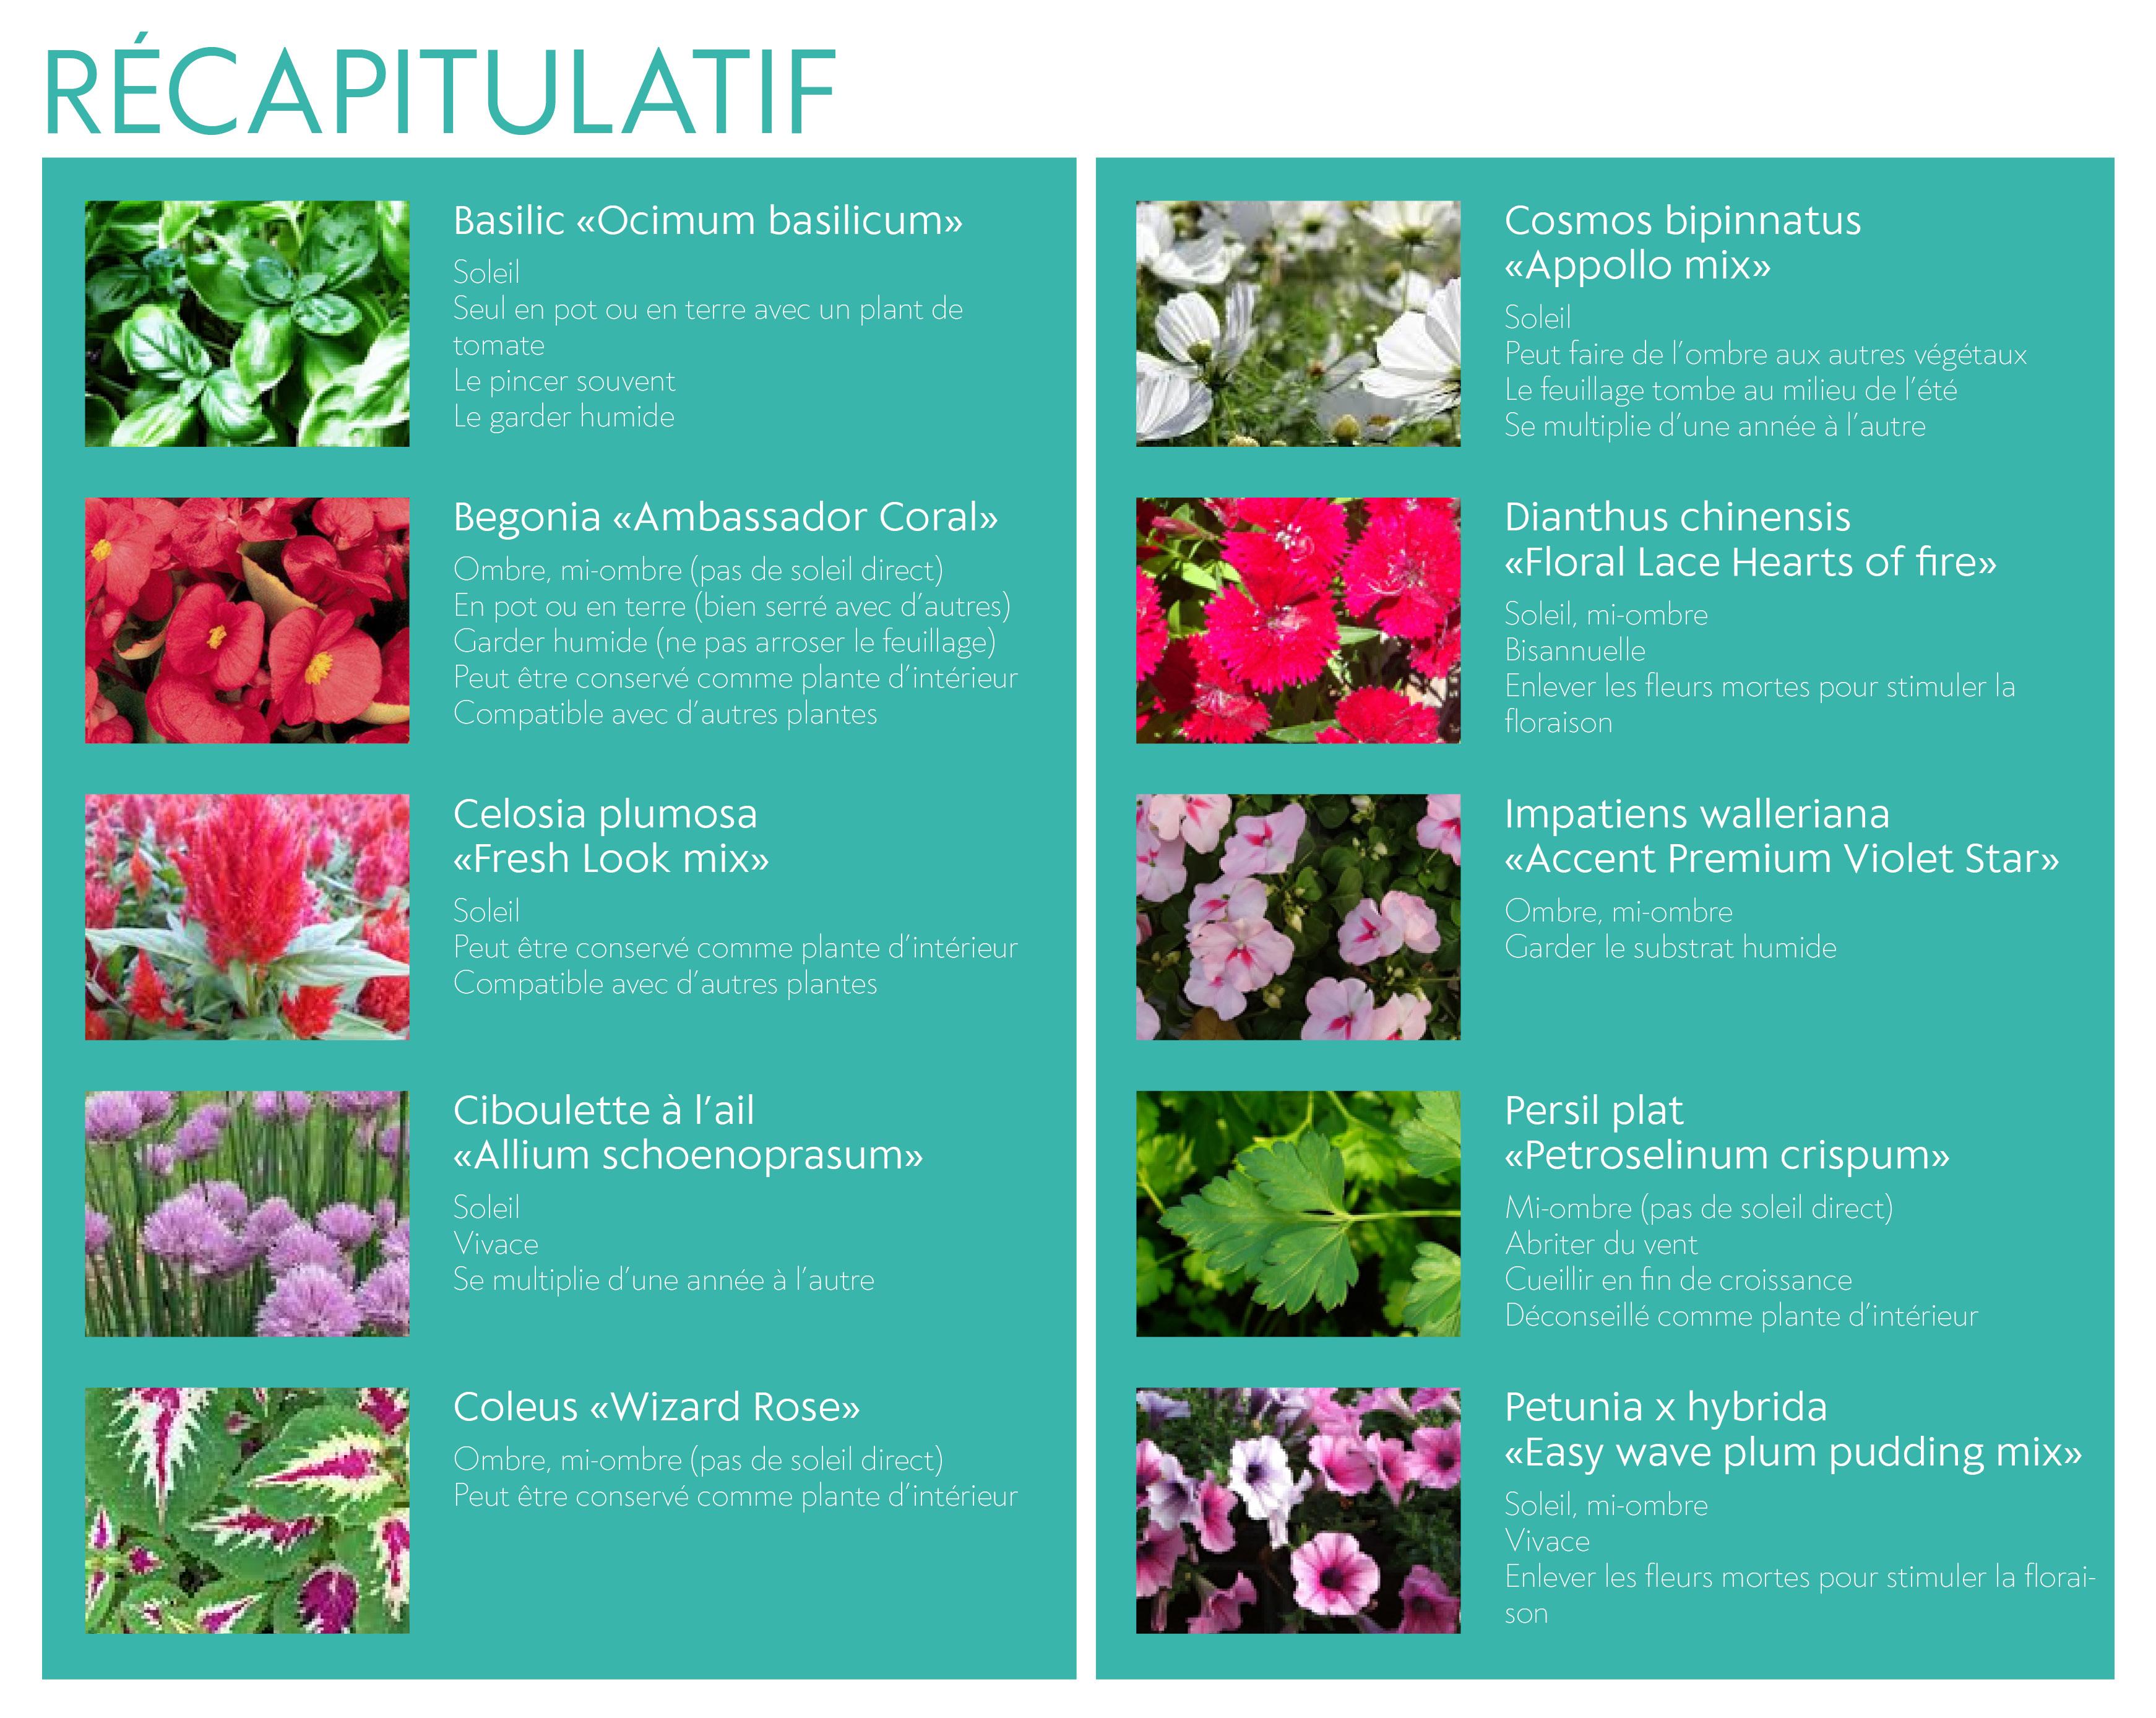 Plante Exterieur Qui Aime L Eau distribution de fleurs et de compost: les conseils de notre